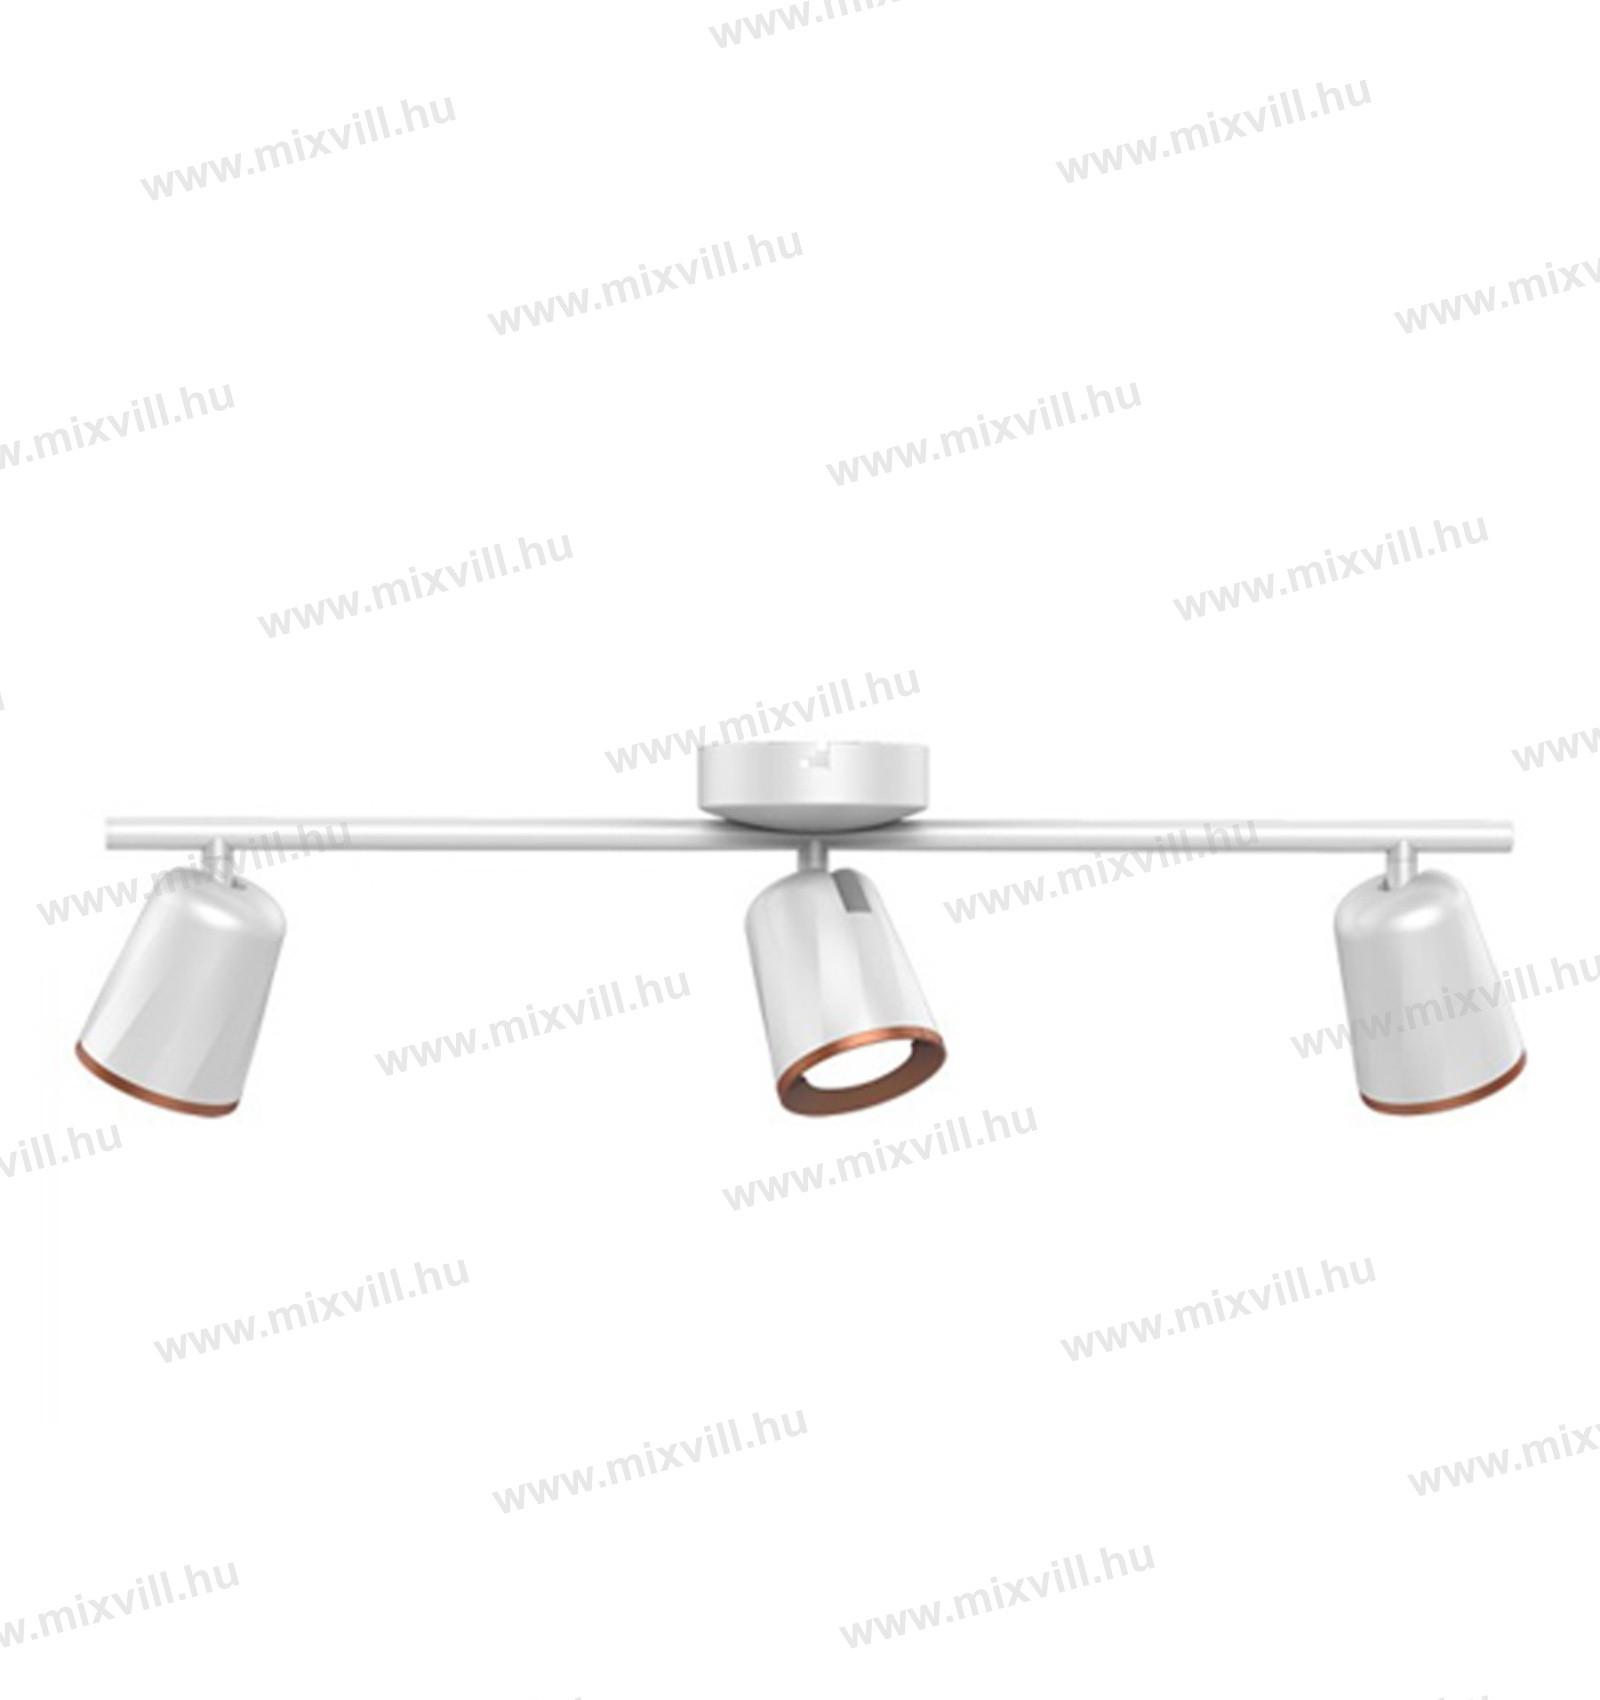 v-tac-sku-8260-belteri-haromagu-led-lampa-feher